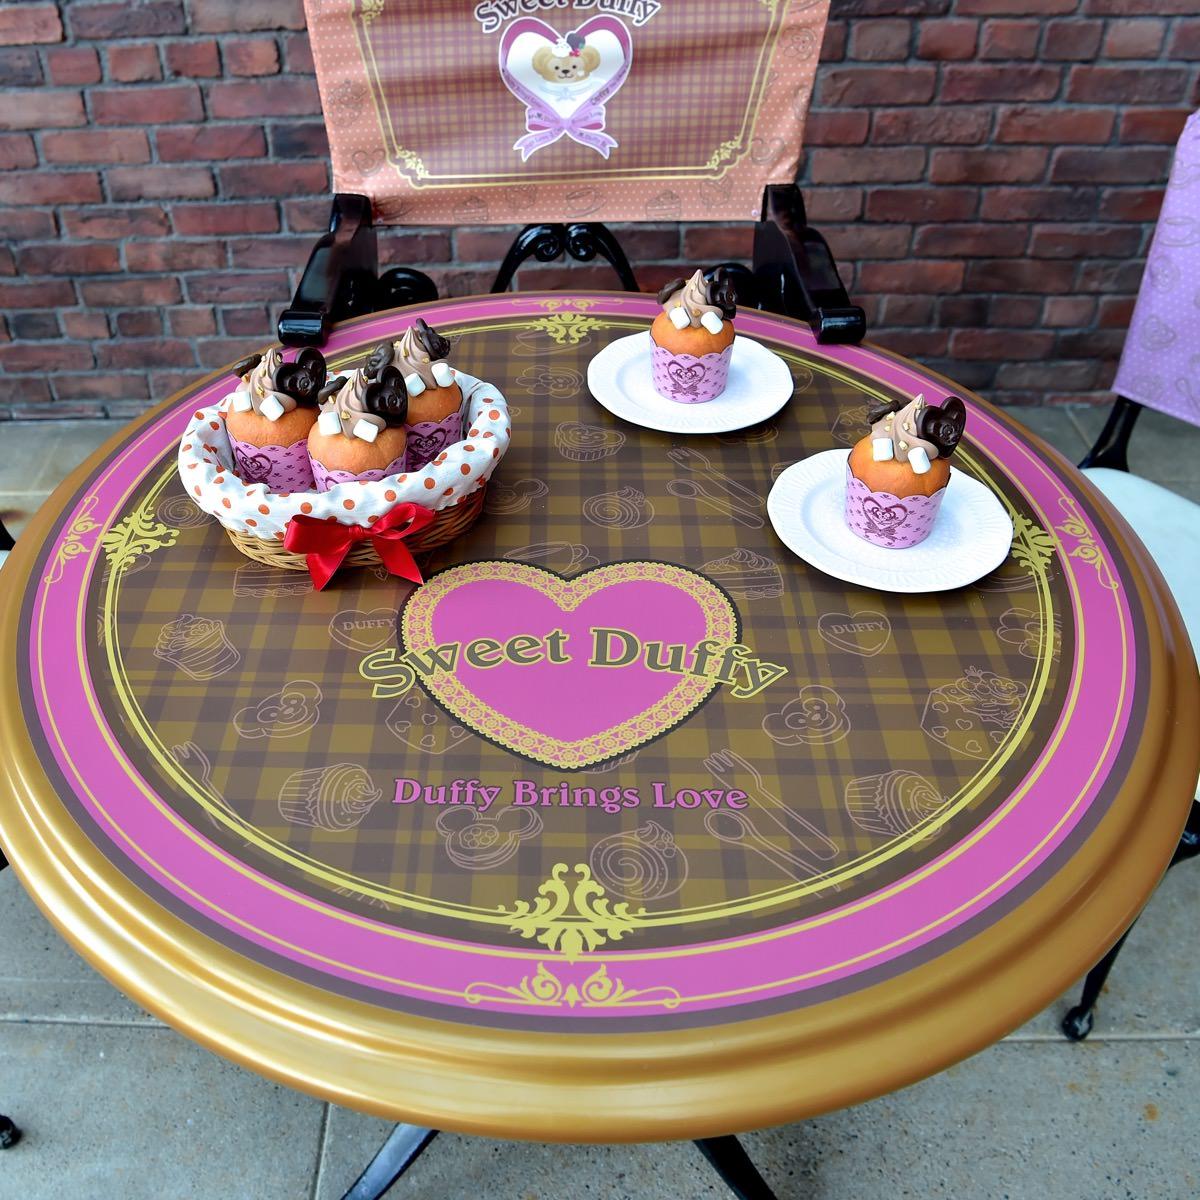 スウィートダッフィーテーブル カップケーキ ニューヨークデリ